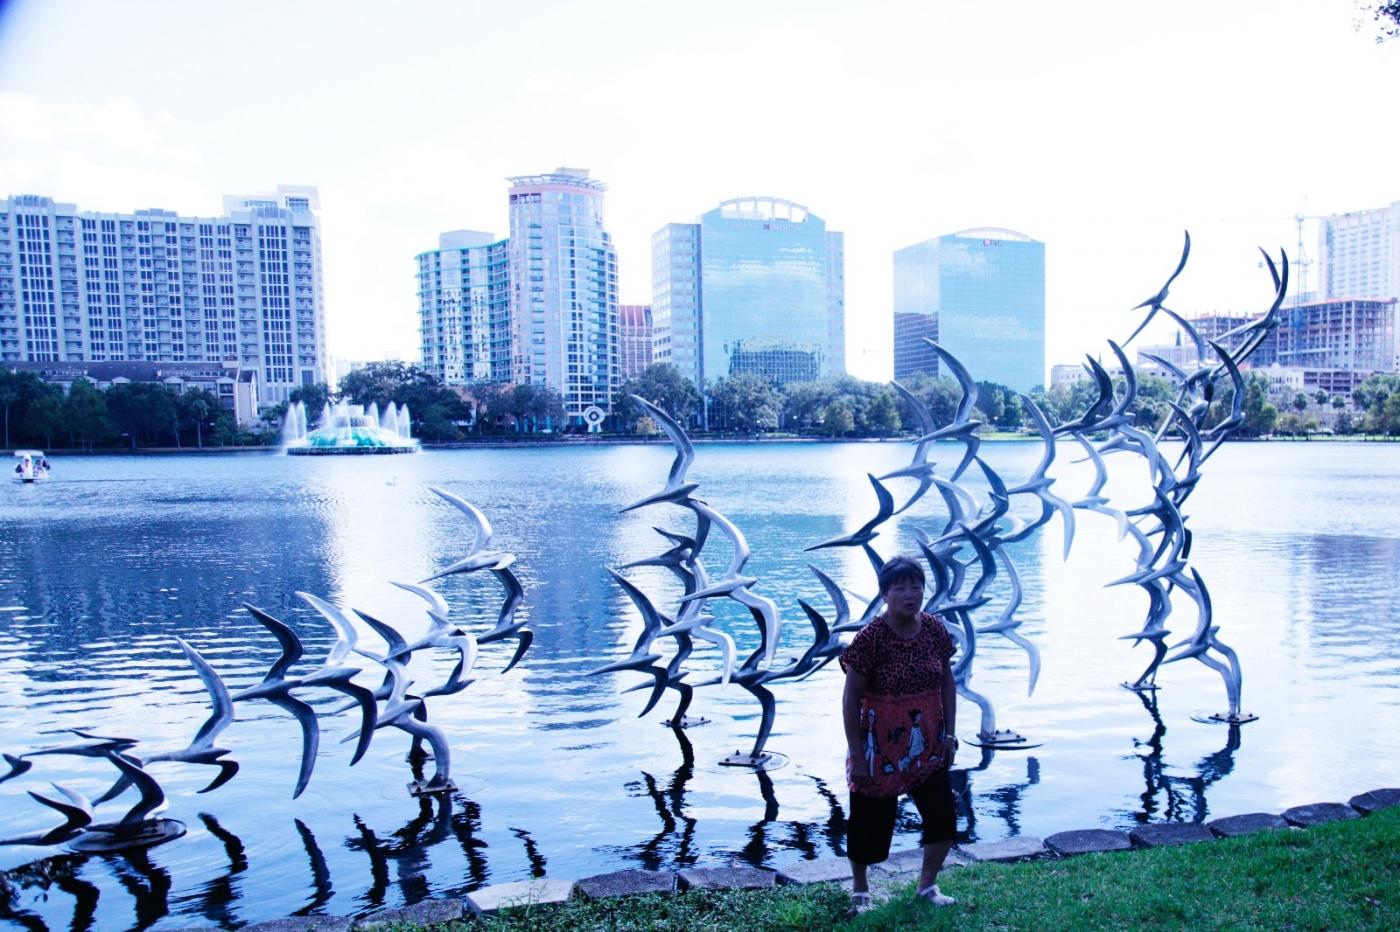 游佛罗里达奥兰多湖边公园_图1-10